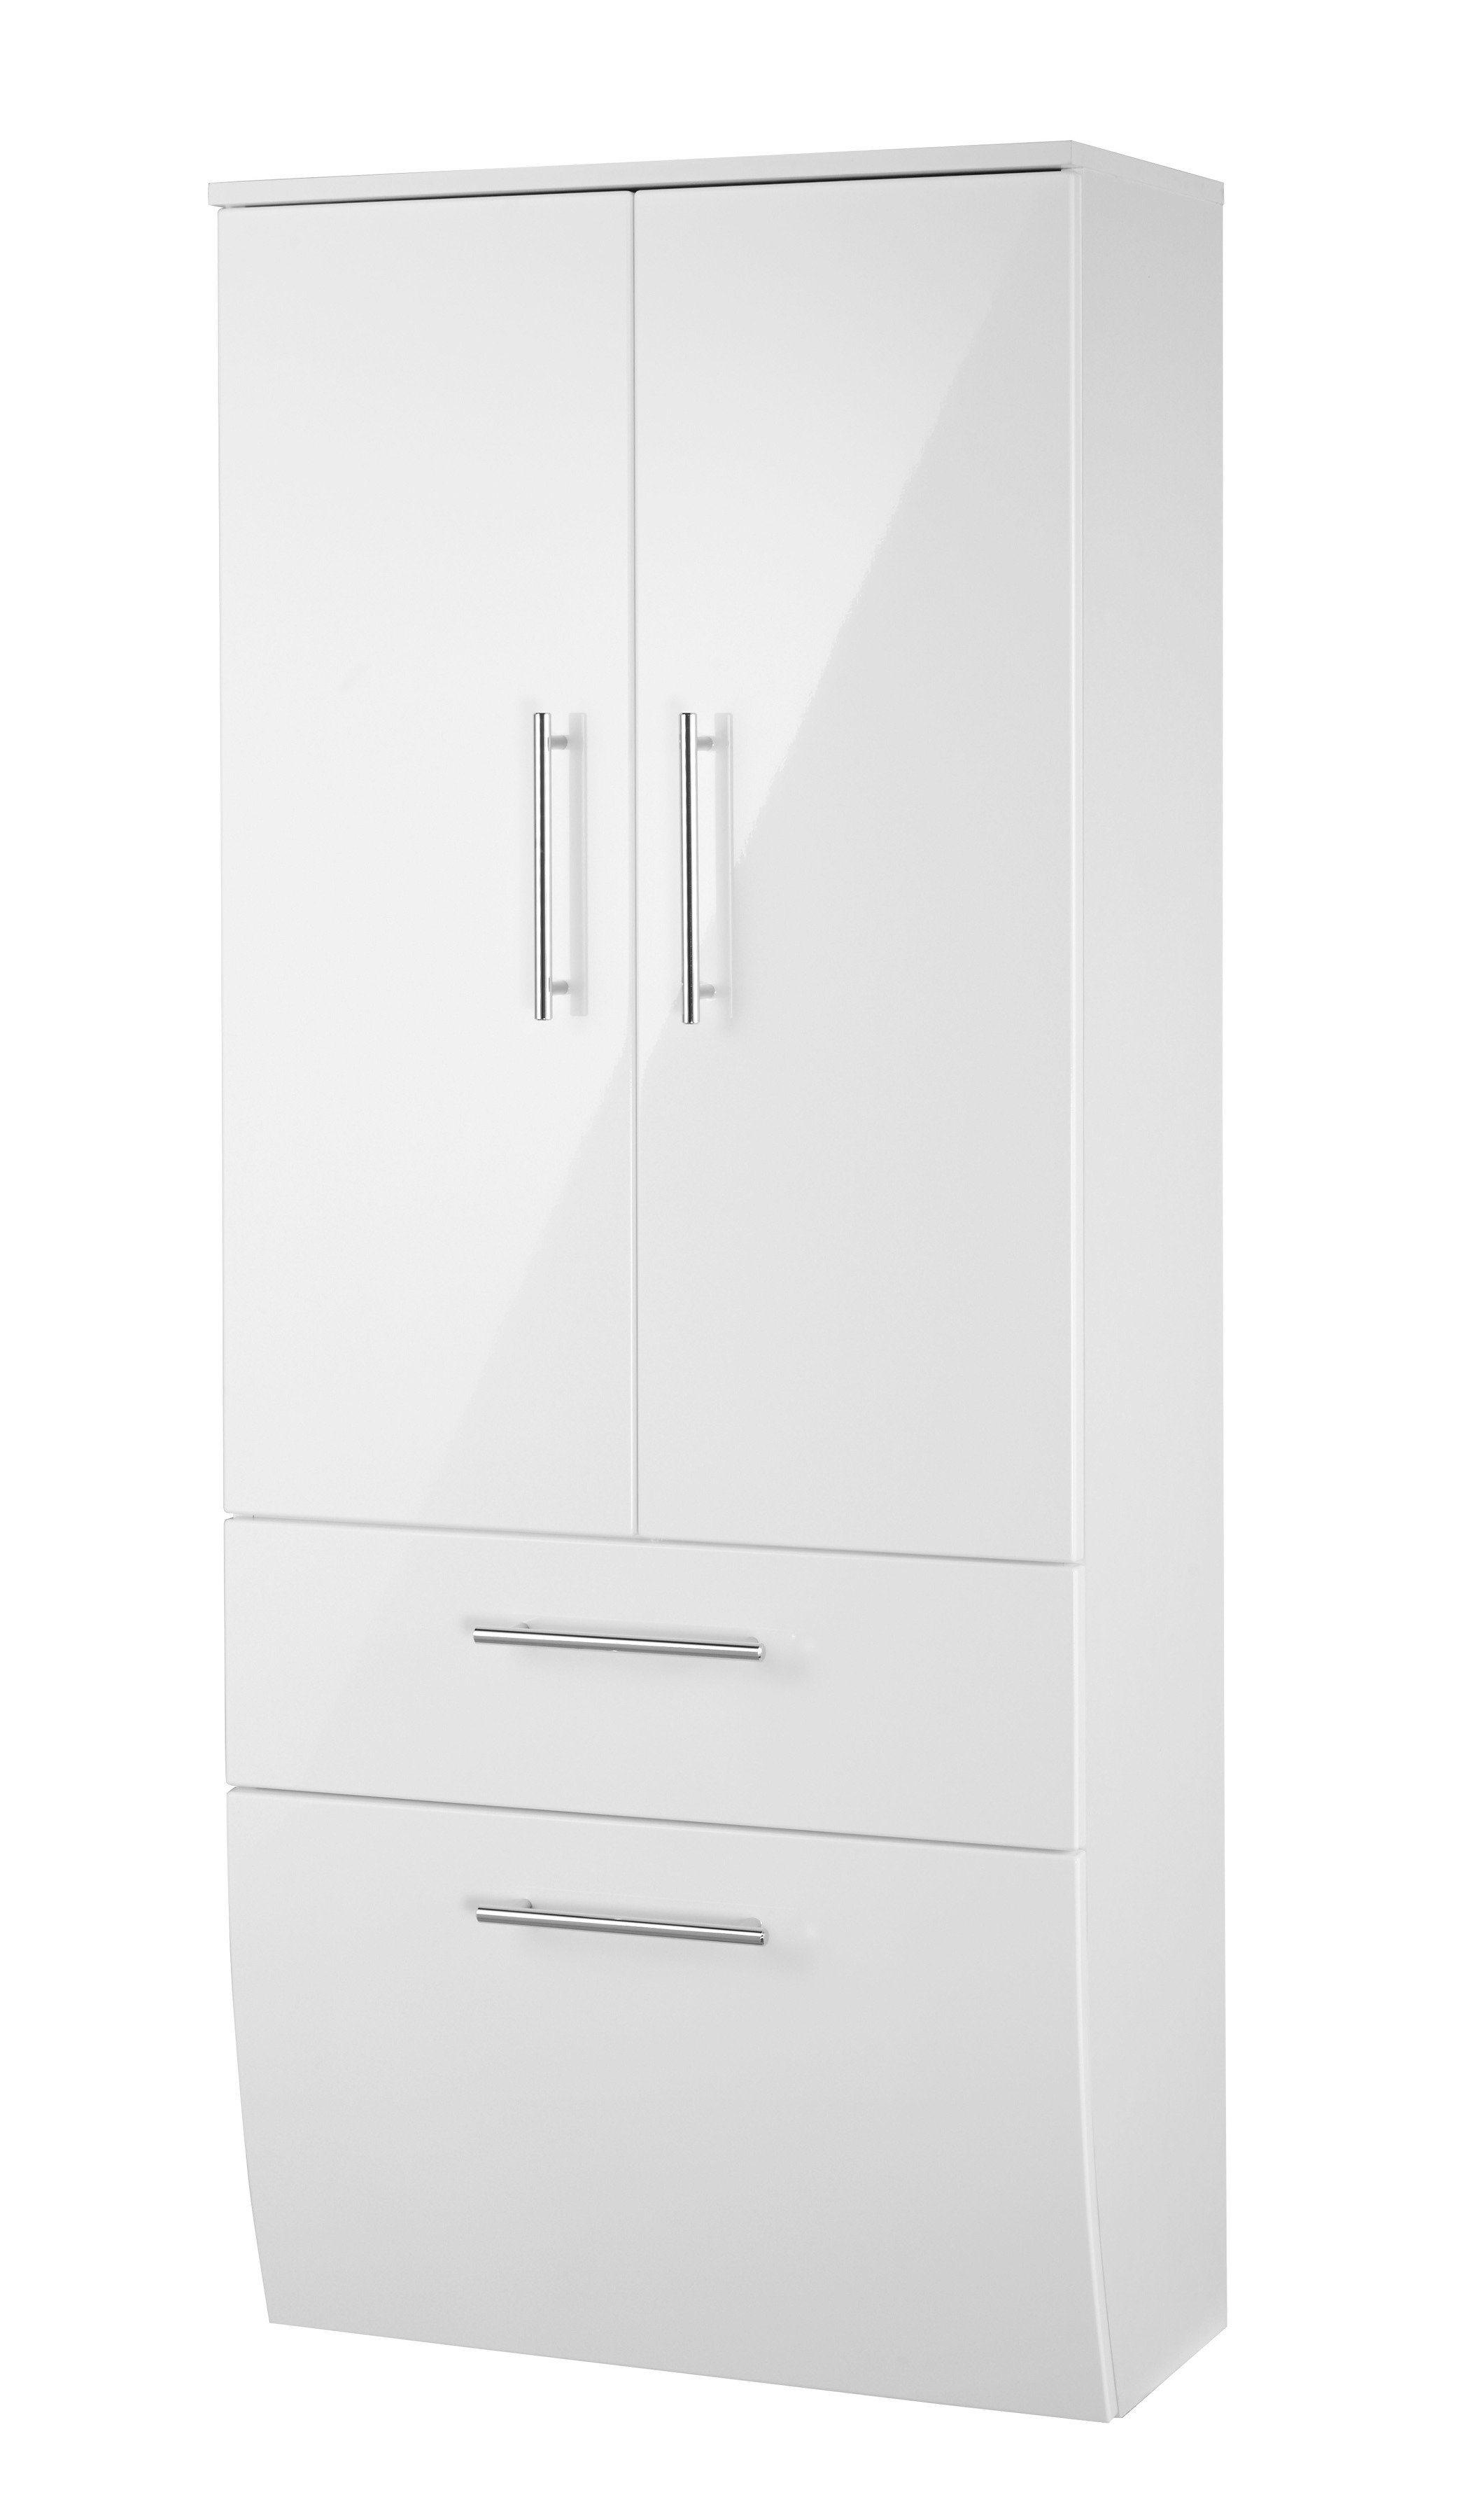 spanplatte Badezimmerschränke online kaufen | Möbel-Suchmaschine ...